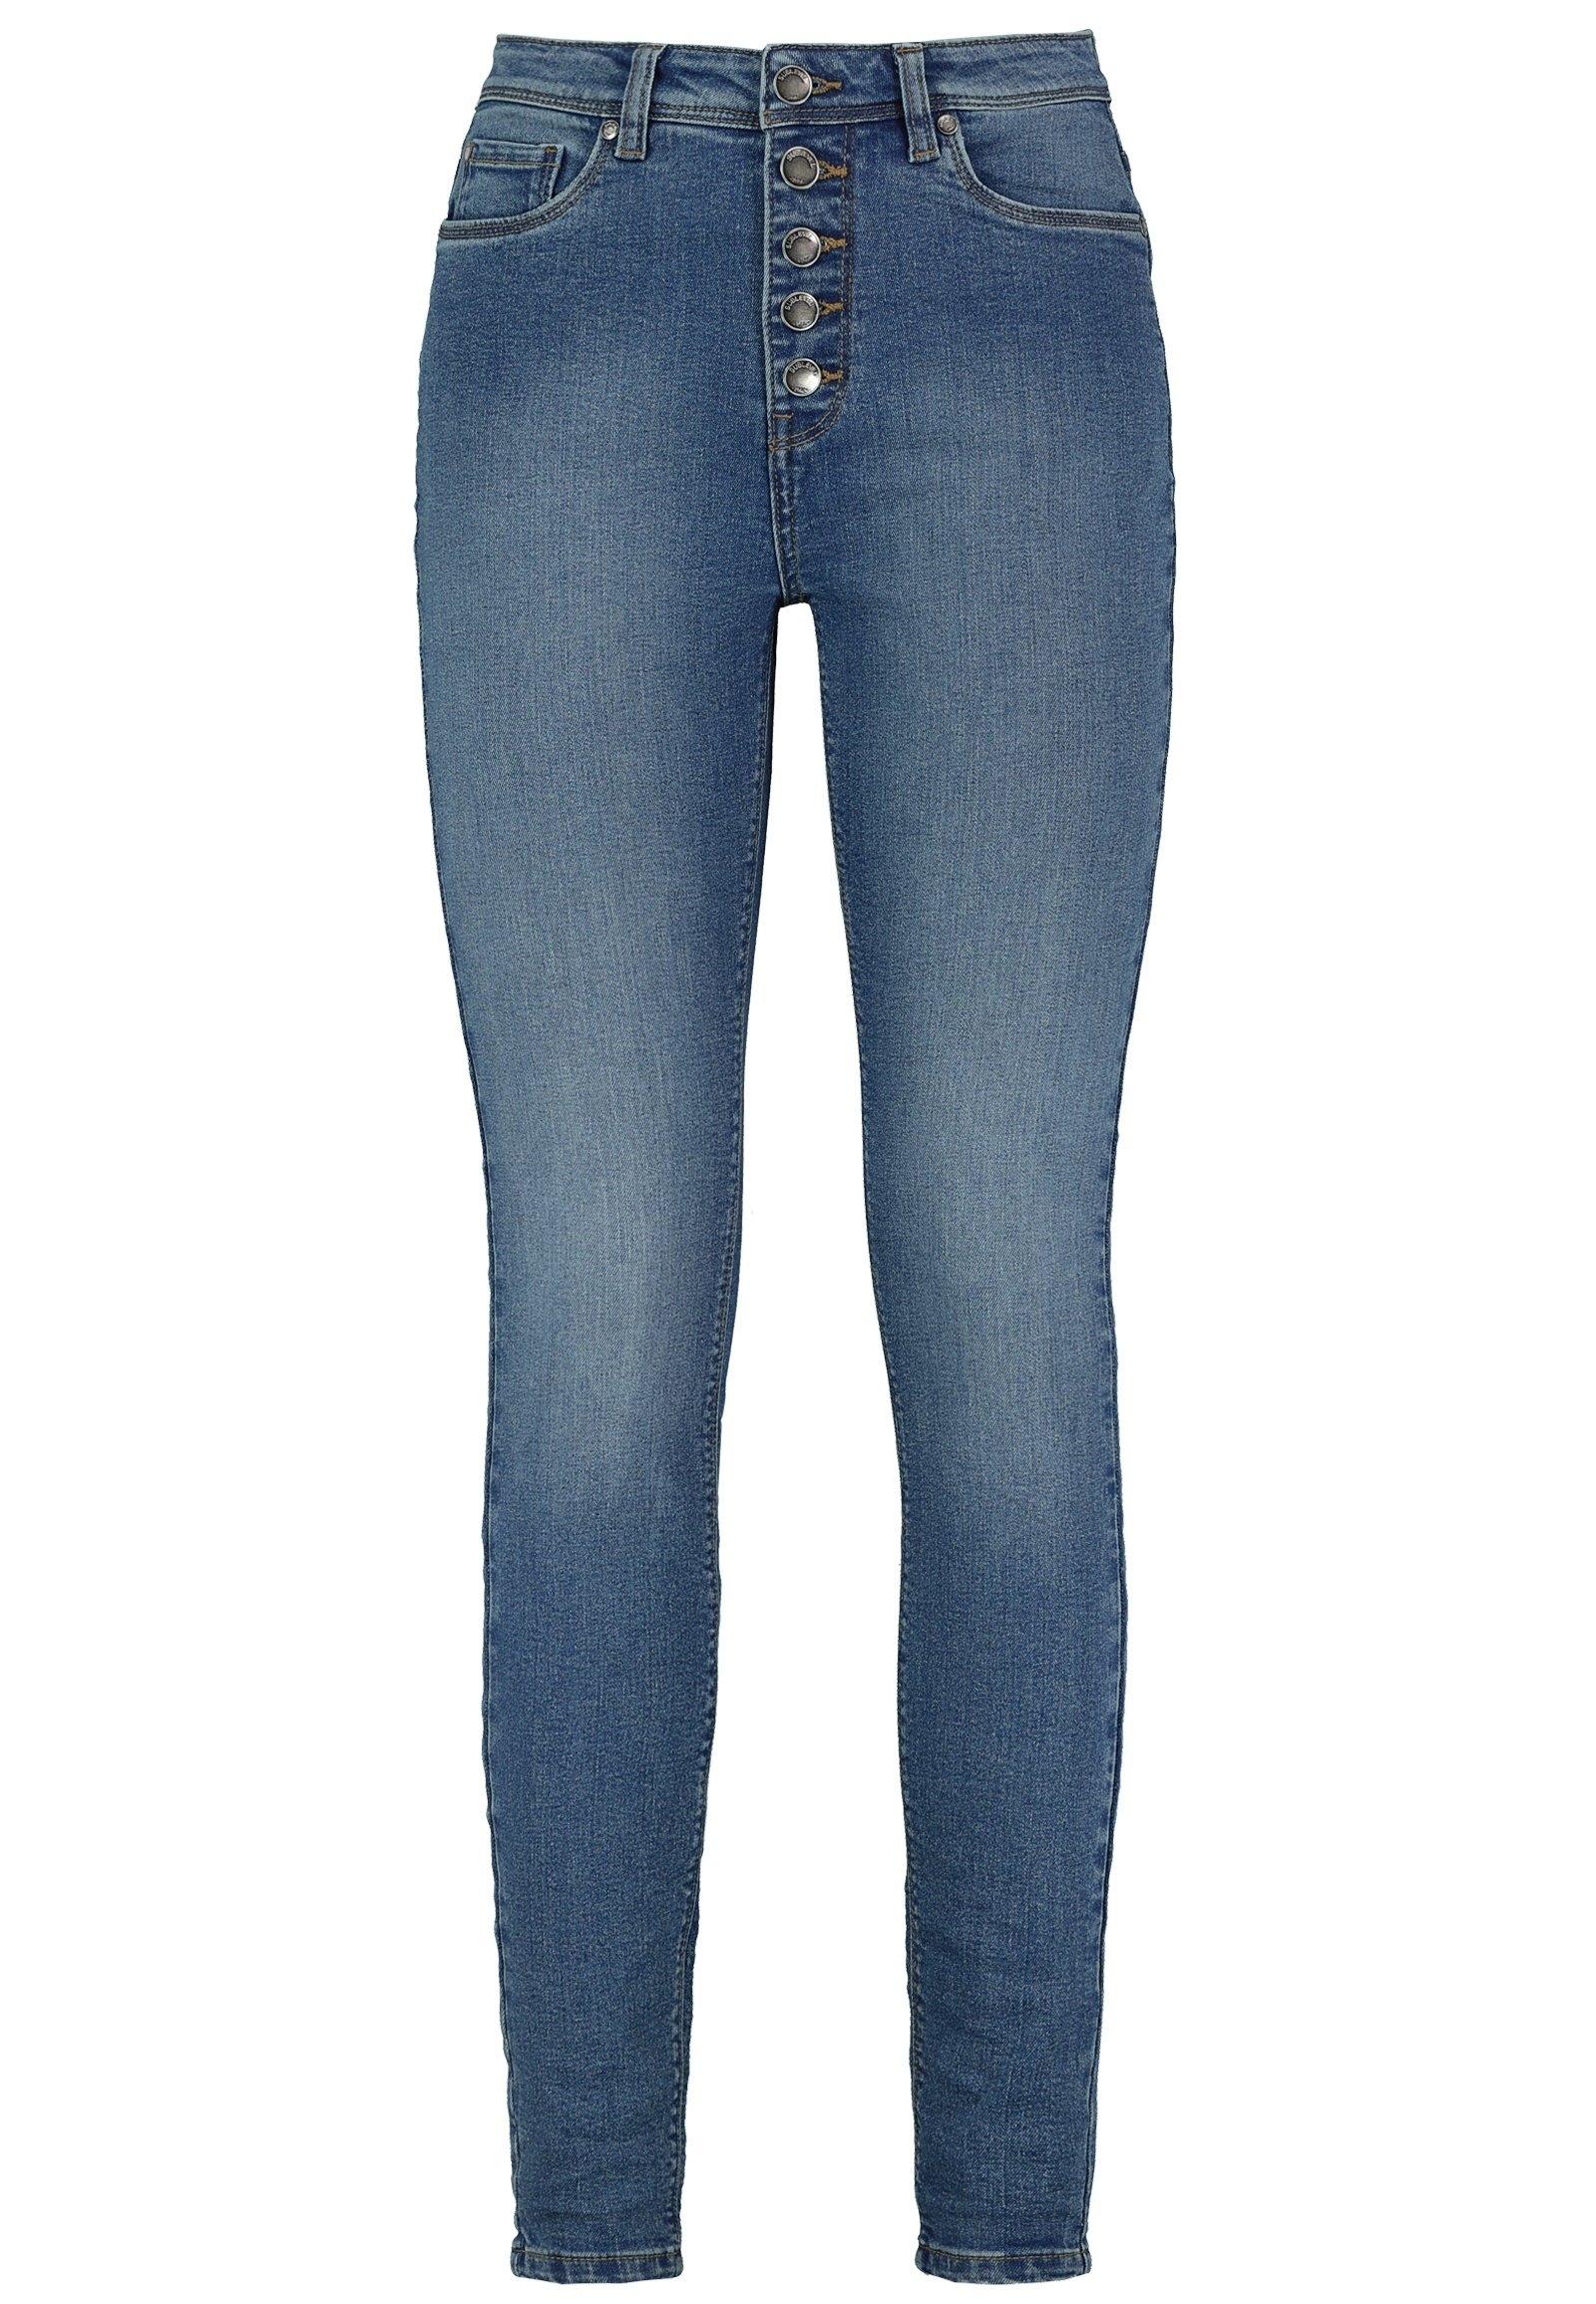 Op zoek naar een SUBLEVEL skinny fit jeans? Koop online bij OTTO